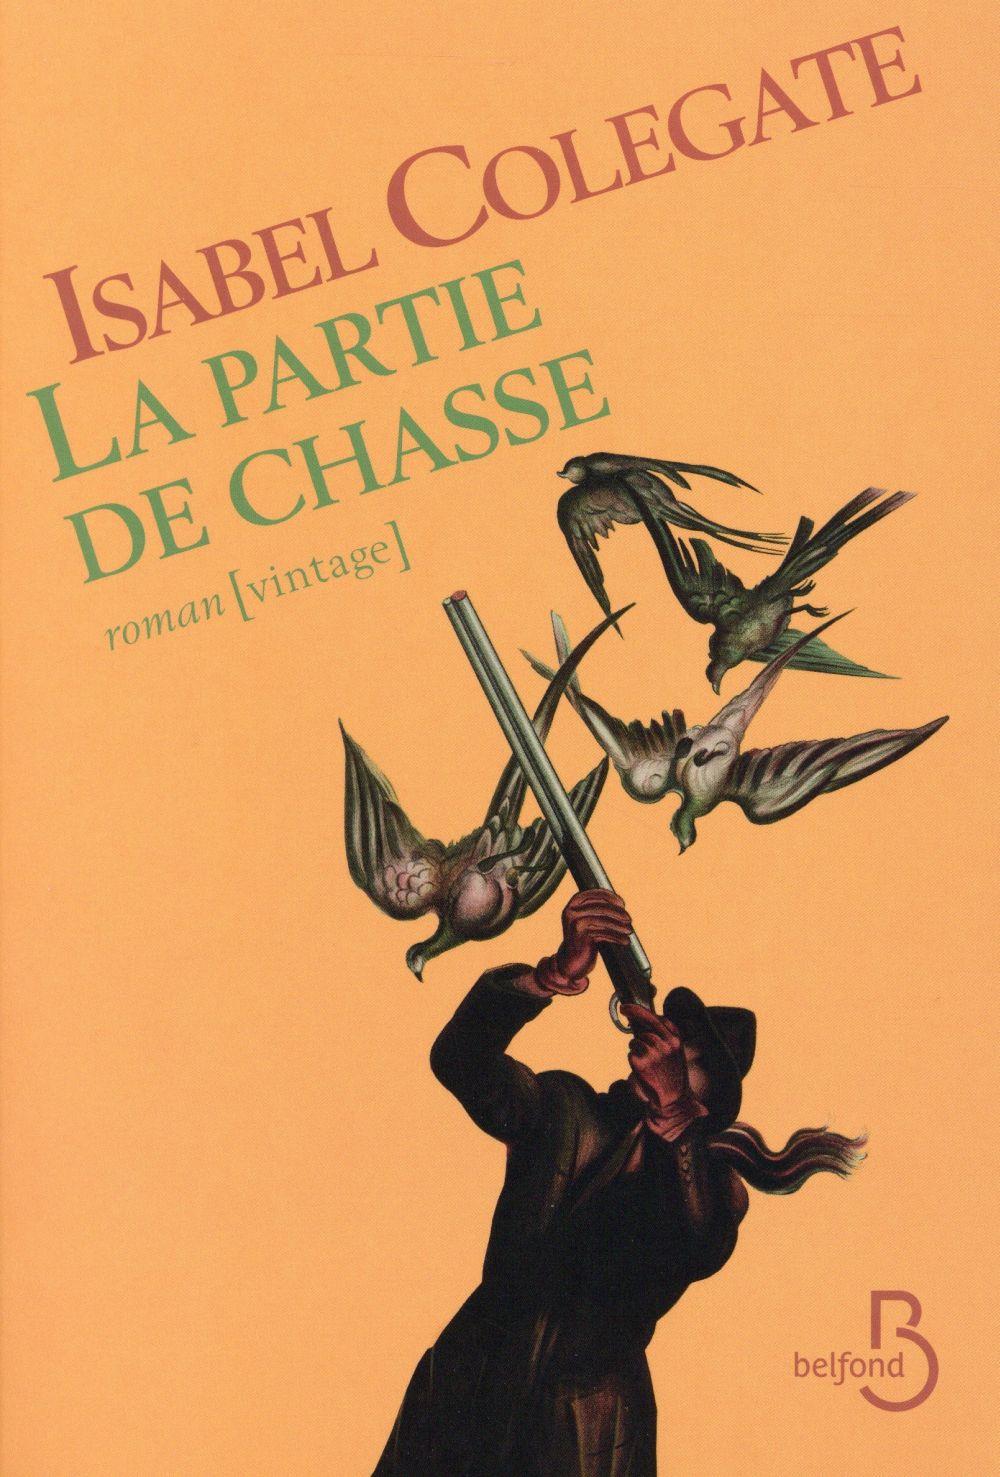 """""""La partie de chasse"""" d'Isabel Colegate - la chronique #21 du Club des Explorateurs"""